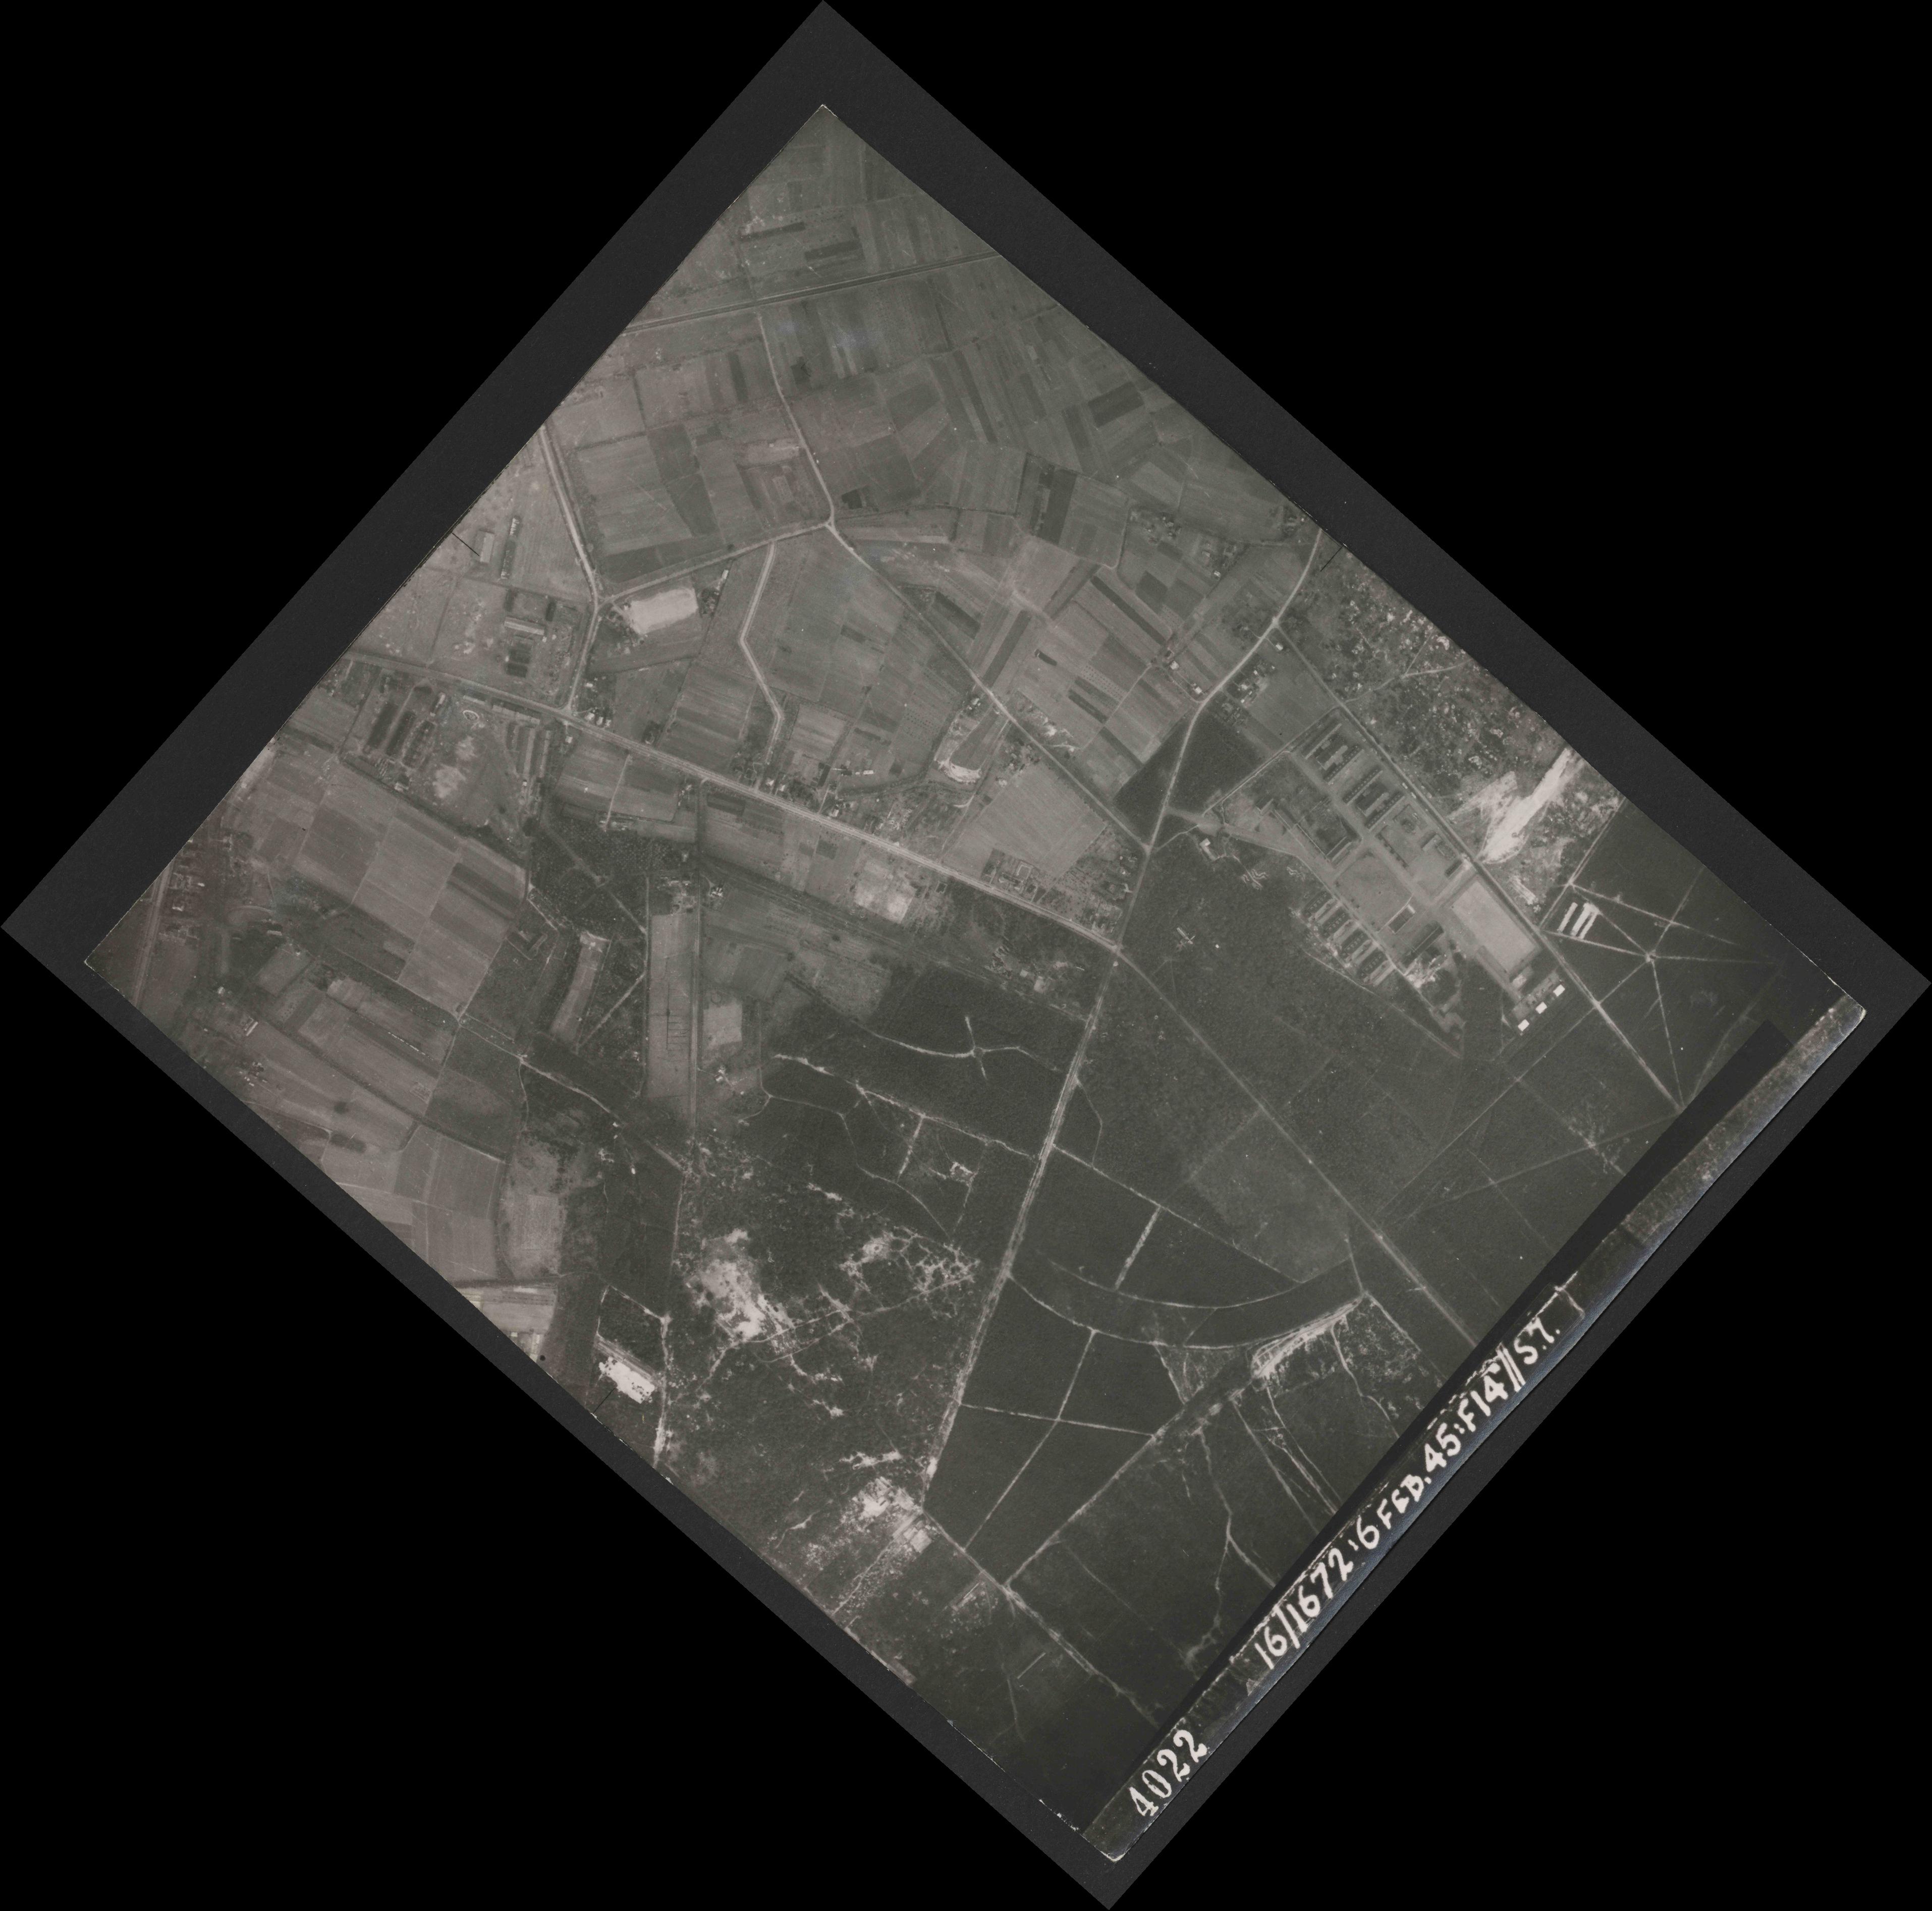 Collection RAF aerial photos 1940-1945 - flight 158, run 02, photo 4022